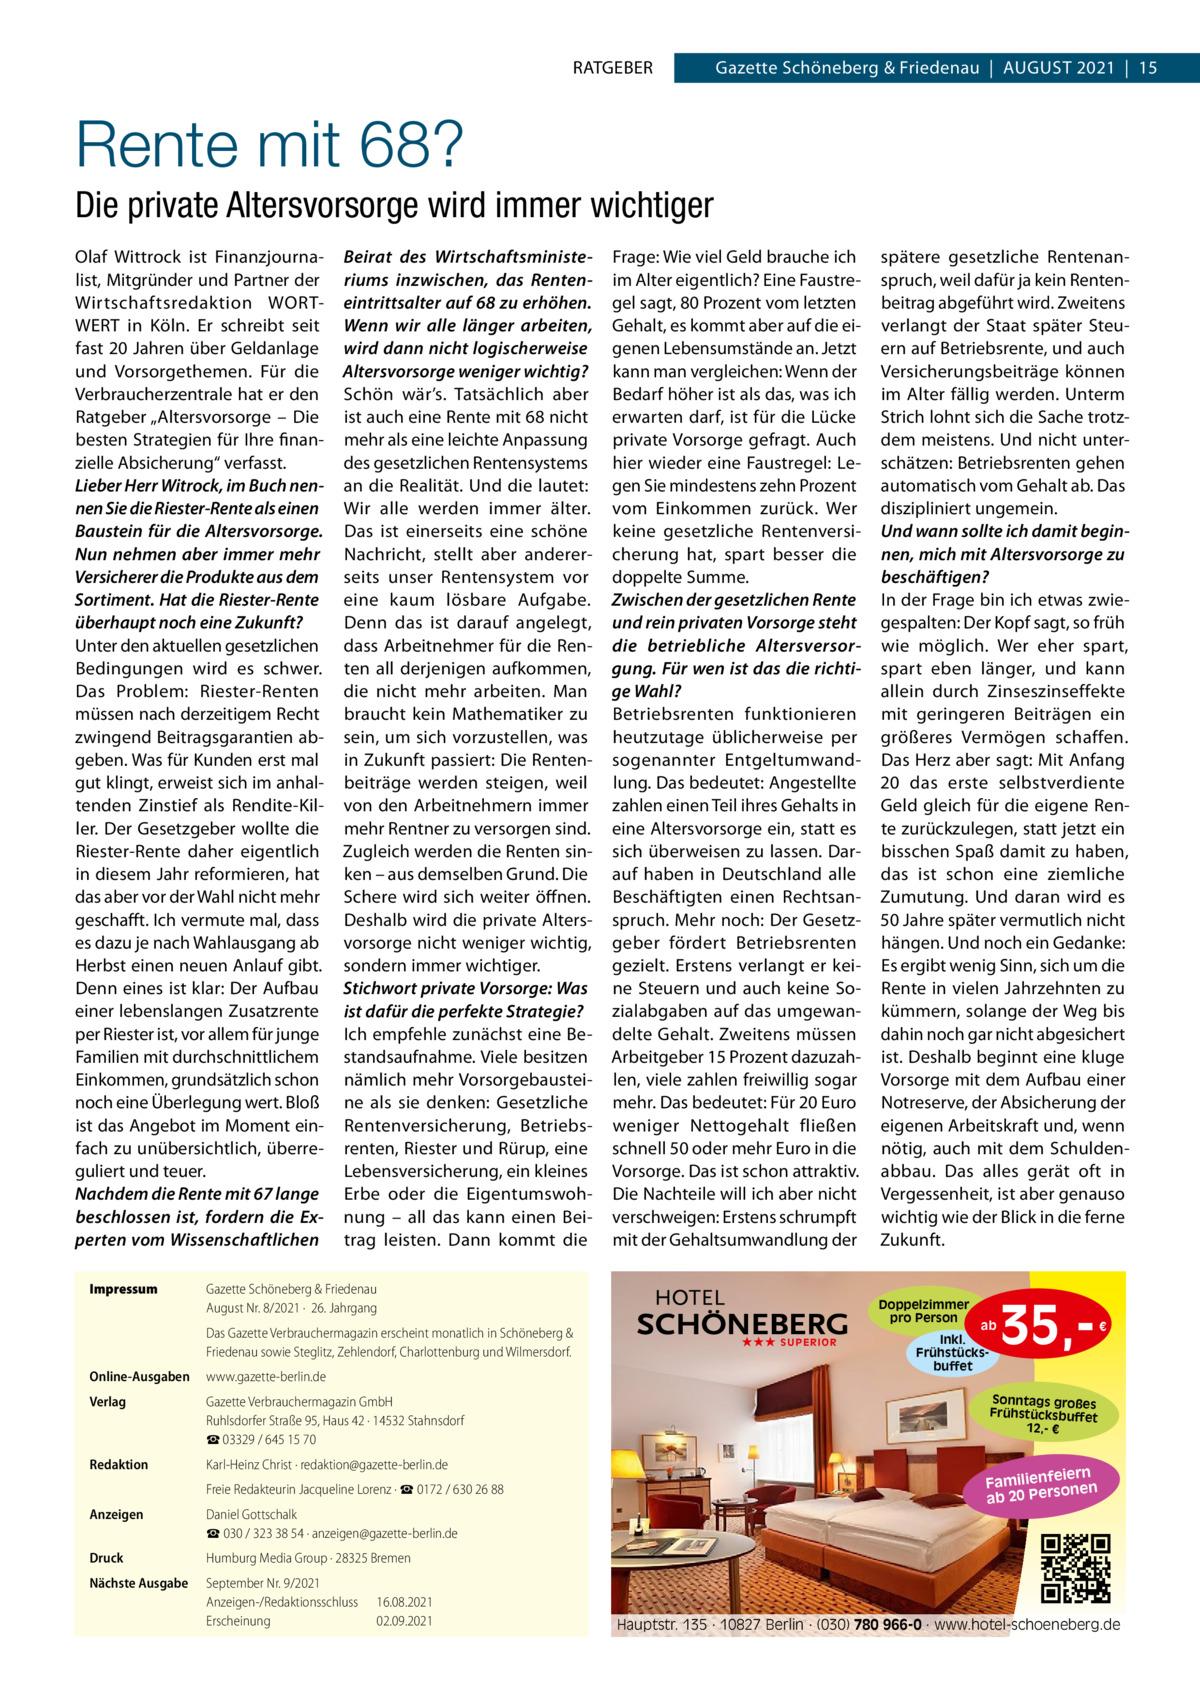 """RATGEBER  Gazette Schöneberg & Friedenau AUGUST 2021 15  Rente mit 68? Die private Altersvorsorge wird immer wichtiger Olaf Wittrock ist Finanzjournalist, Mitgründer und Partner der Wirtschaftsredaktion WORTWERT in Köln. Er schreibt seit fast 20Jahren über Geldanlage und Vorsorgethemen. Für die Verbraucherzentrale hat er den Ratgeber """"Altersvorsorge – Die besten Strategien für Ihre finanzielle Absicherung"""" verfasst. Lieber Herr Witrock, im Buch nennen Sie die Riester-Rente als einen Baustein für die Altersvorsorge. Nun nehmen aber immer mehr Versicherer die Produkte aus dem Sortiment. Hat die Riester-Rente überhaupt noch eine Zukunft? Unter den aktuellen gesetzlichen Bedingungen wird es schwer. Das Problem: Riester-Renten müssen nach derzeitigem Recht zwingend Beitragsgarantien abgeben. Was für Kunden erst mal gut klingt, erweist sich im anhaltenden Zinstief als Rendite-Killer. Der Gesetzgeber wollte die Riester-Rente daher eigentlich in diesem Jahr reformieren, hat das aber vor der Wahl nicht mehr geschafft. Ich vermute mal, dass es dazu je nach Wahlausgang ab Herbst einen neuen Anlauf gibt. Denn eines ist klar: Der Aufbau einer lebenslangen Zusatzrente per Riester ist, vor allem für junge Familien mit durchschnittlichem Einkommen, grundsätzlich schon noch eine Überlegung wert. Bloß ist das Angebot im Moment einfach zu unübersichtlich, überreguliert und teuer. Nachdem die Rente mit 67 lange beschlossen ist, fordern die Experten vom Wissenschaftlichen Impressum  Beirat des Wirtschaftsministeriums inzwischen, das Renteneintrittsalter auf 68 zu erhöhen. Wenn wir alle länger arbeiten, wird dann nicht logischerweise Altersvorsorge weniger wichtig? Schön wär's. Tatsächlich aber ist auch eine Rente mit 68 nicht mehr als eine leichte Anpassung des gesetzlichen Rentensystems an die Realität. Und die lautet: Wir alle werden immer älter. Das ist einerseits eine schöne Nachricht, stellt aber andererseits unser Rentensystem vor eine kaum lösbare Aufgabe. Denn das ist darauf ang"""